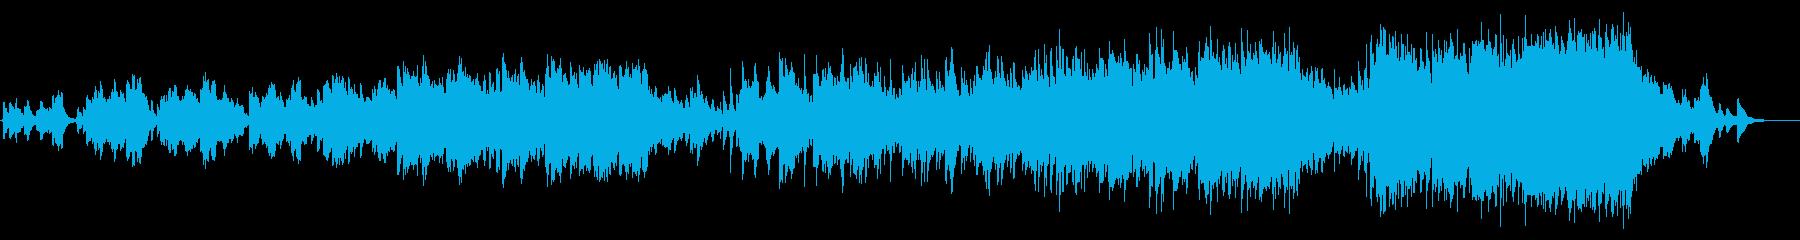 ピアノバラード。ブライダルシーンのBGMの再生済みの波形